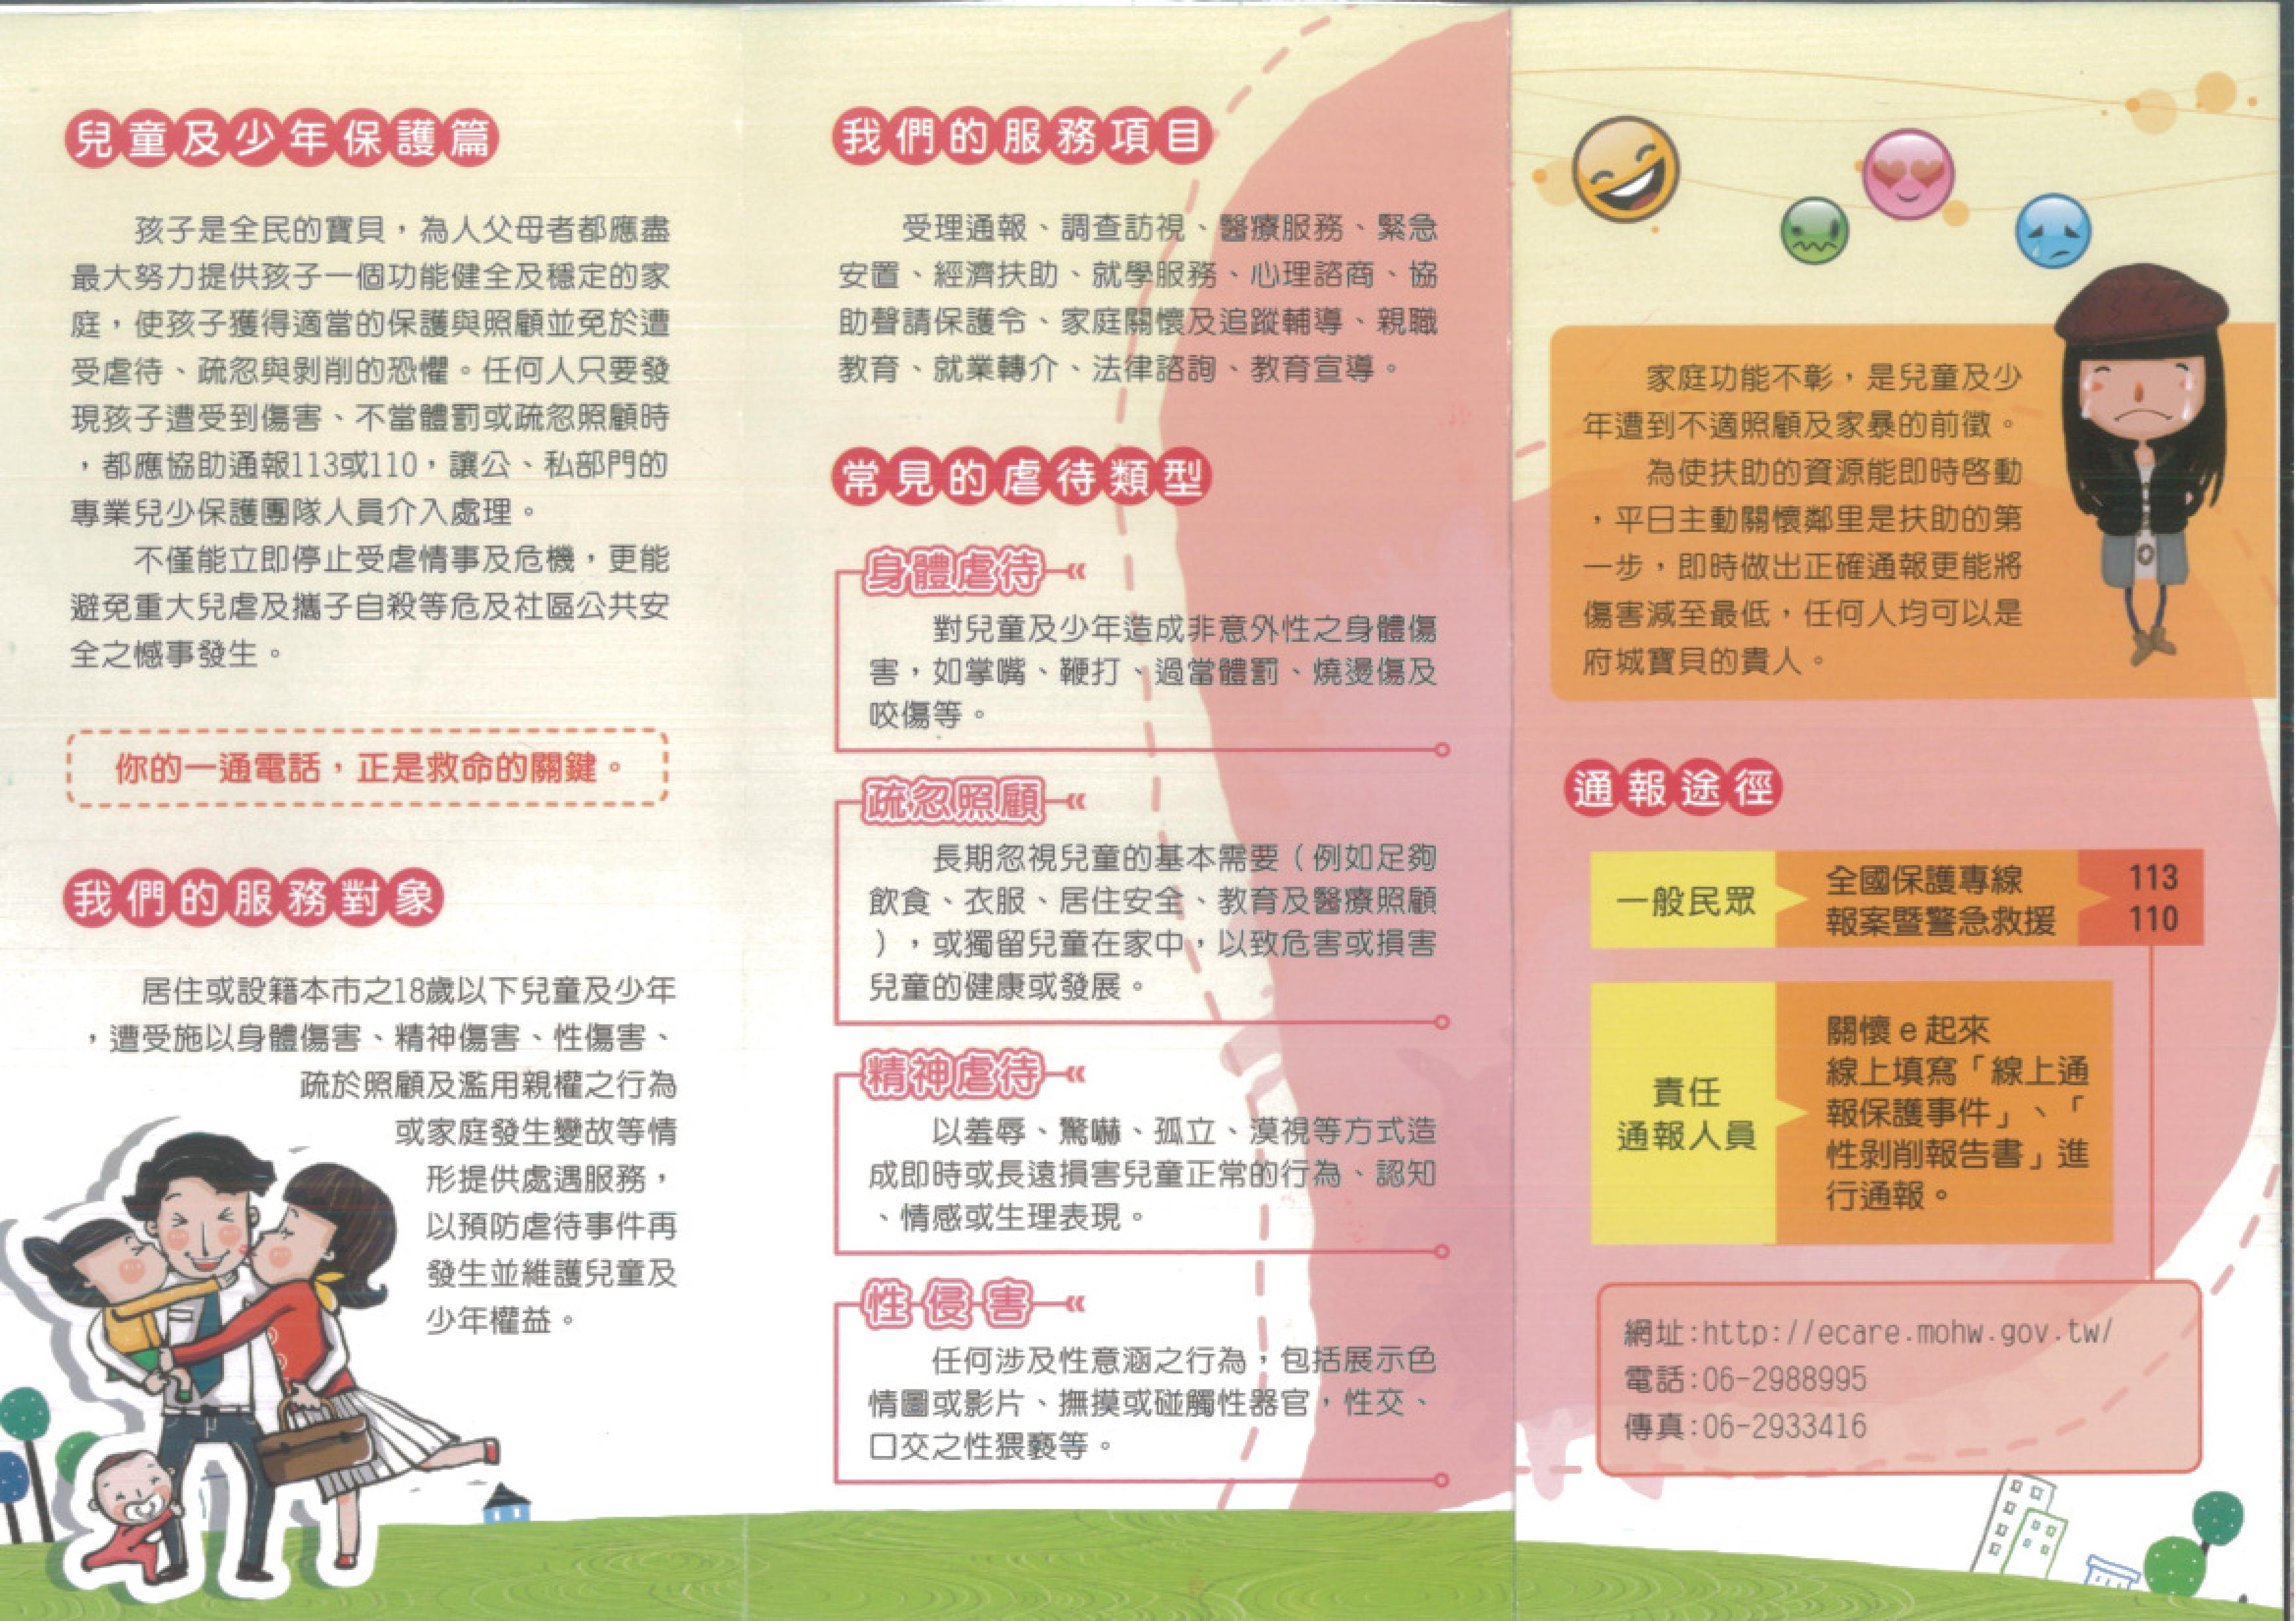 兒童及少年施用不良物質及遭受性剝削(摺頁背面)